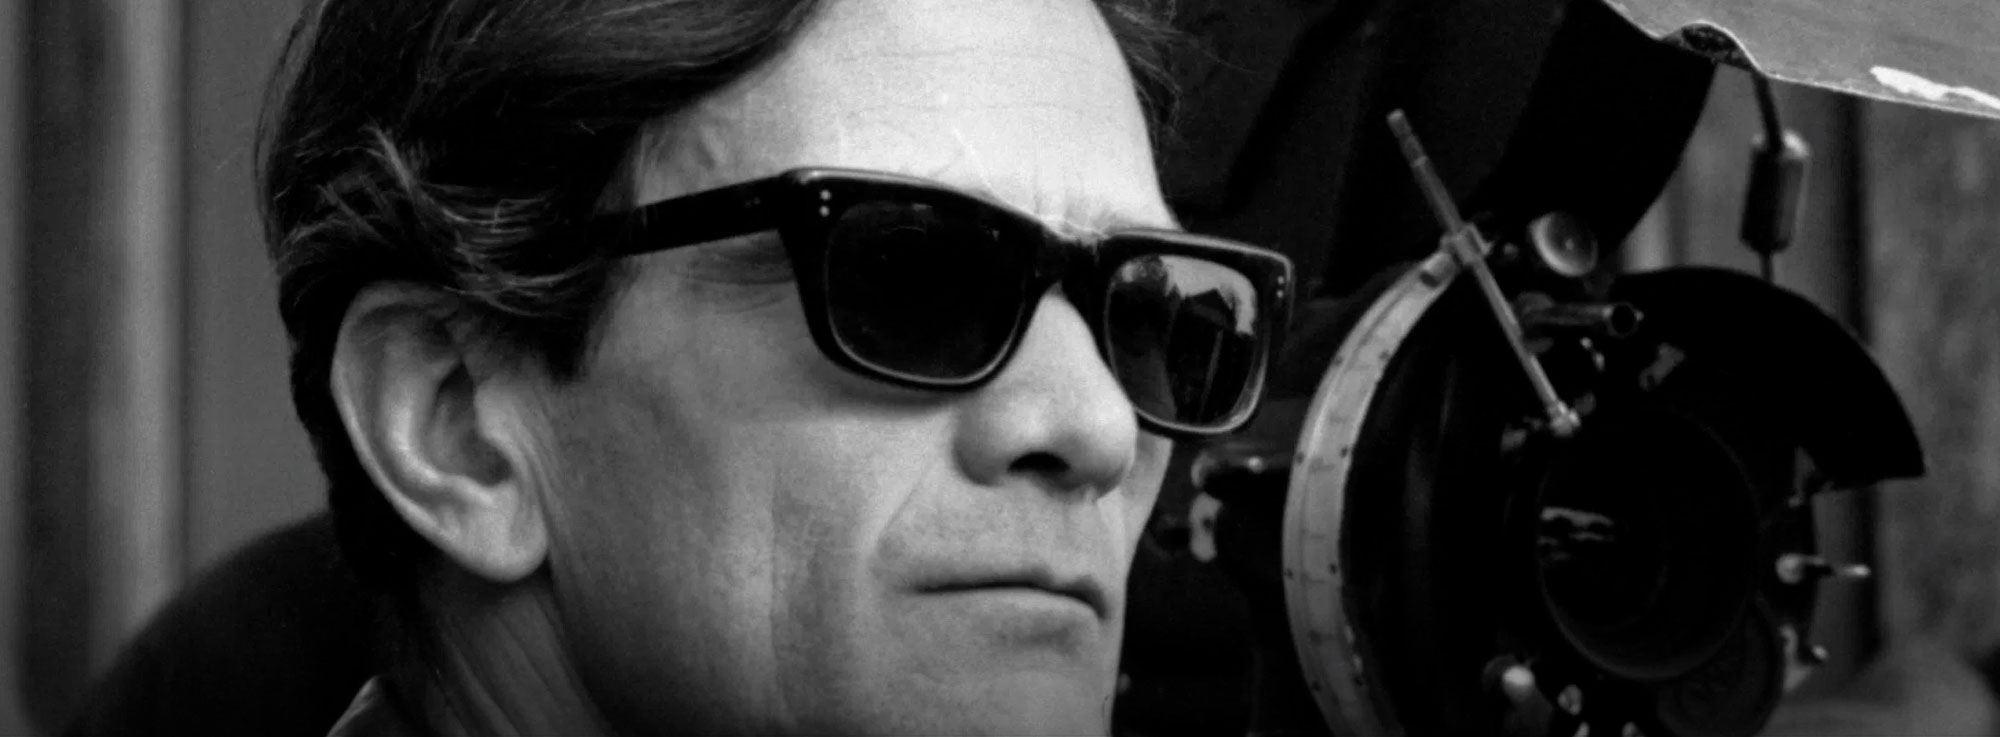 Trani: Pasolini, la voce, il mito, la musica